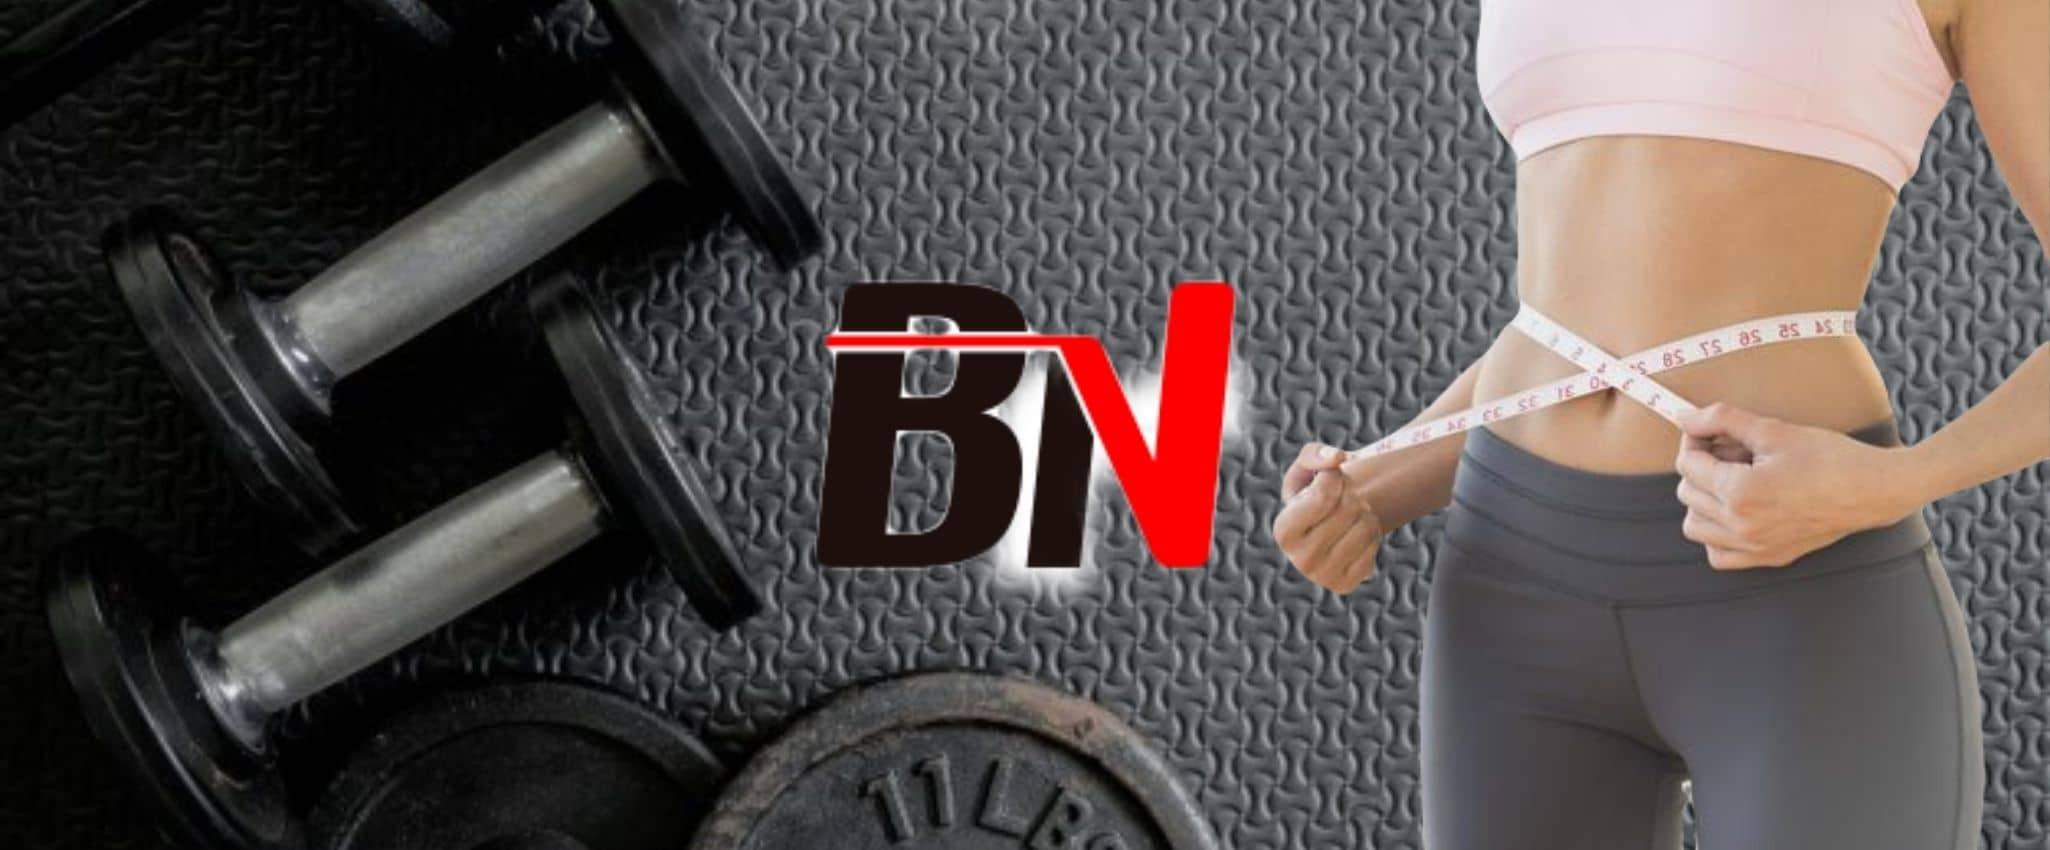 mejores ejercicios para adelgazar